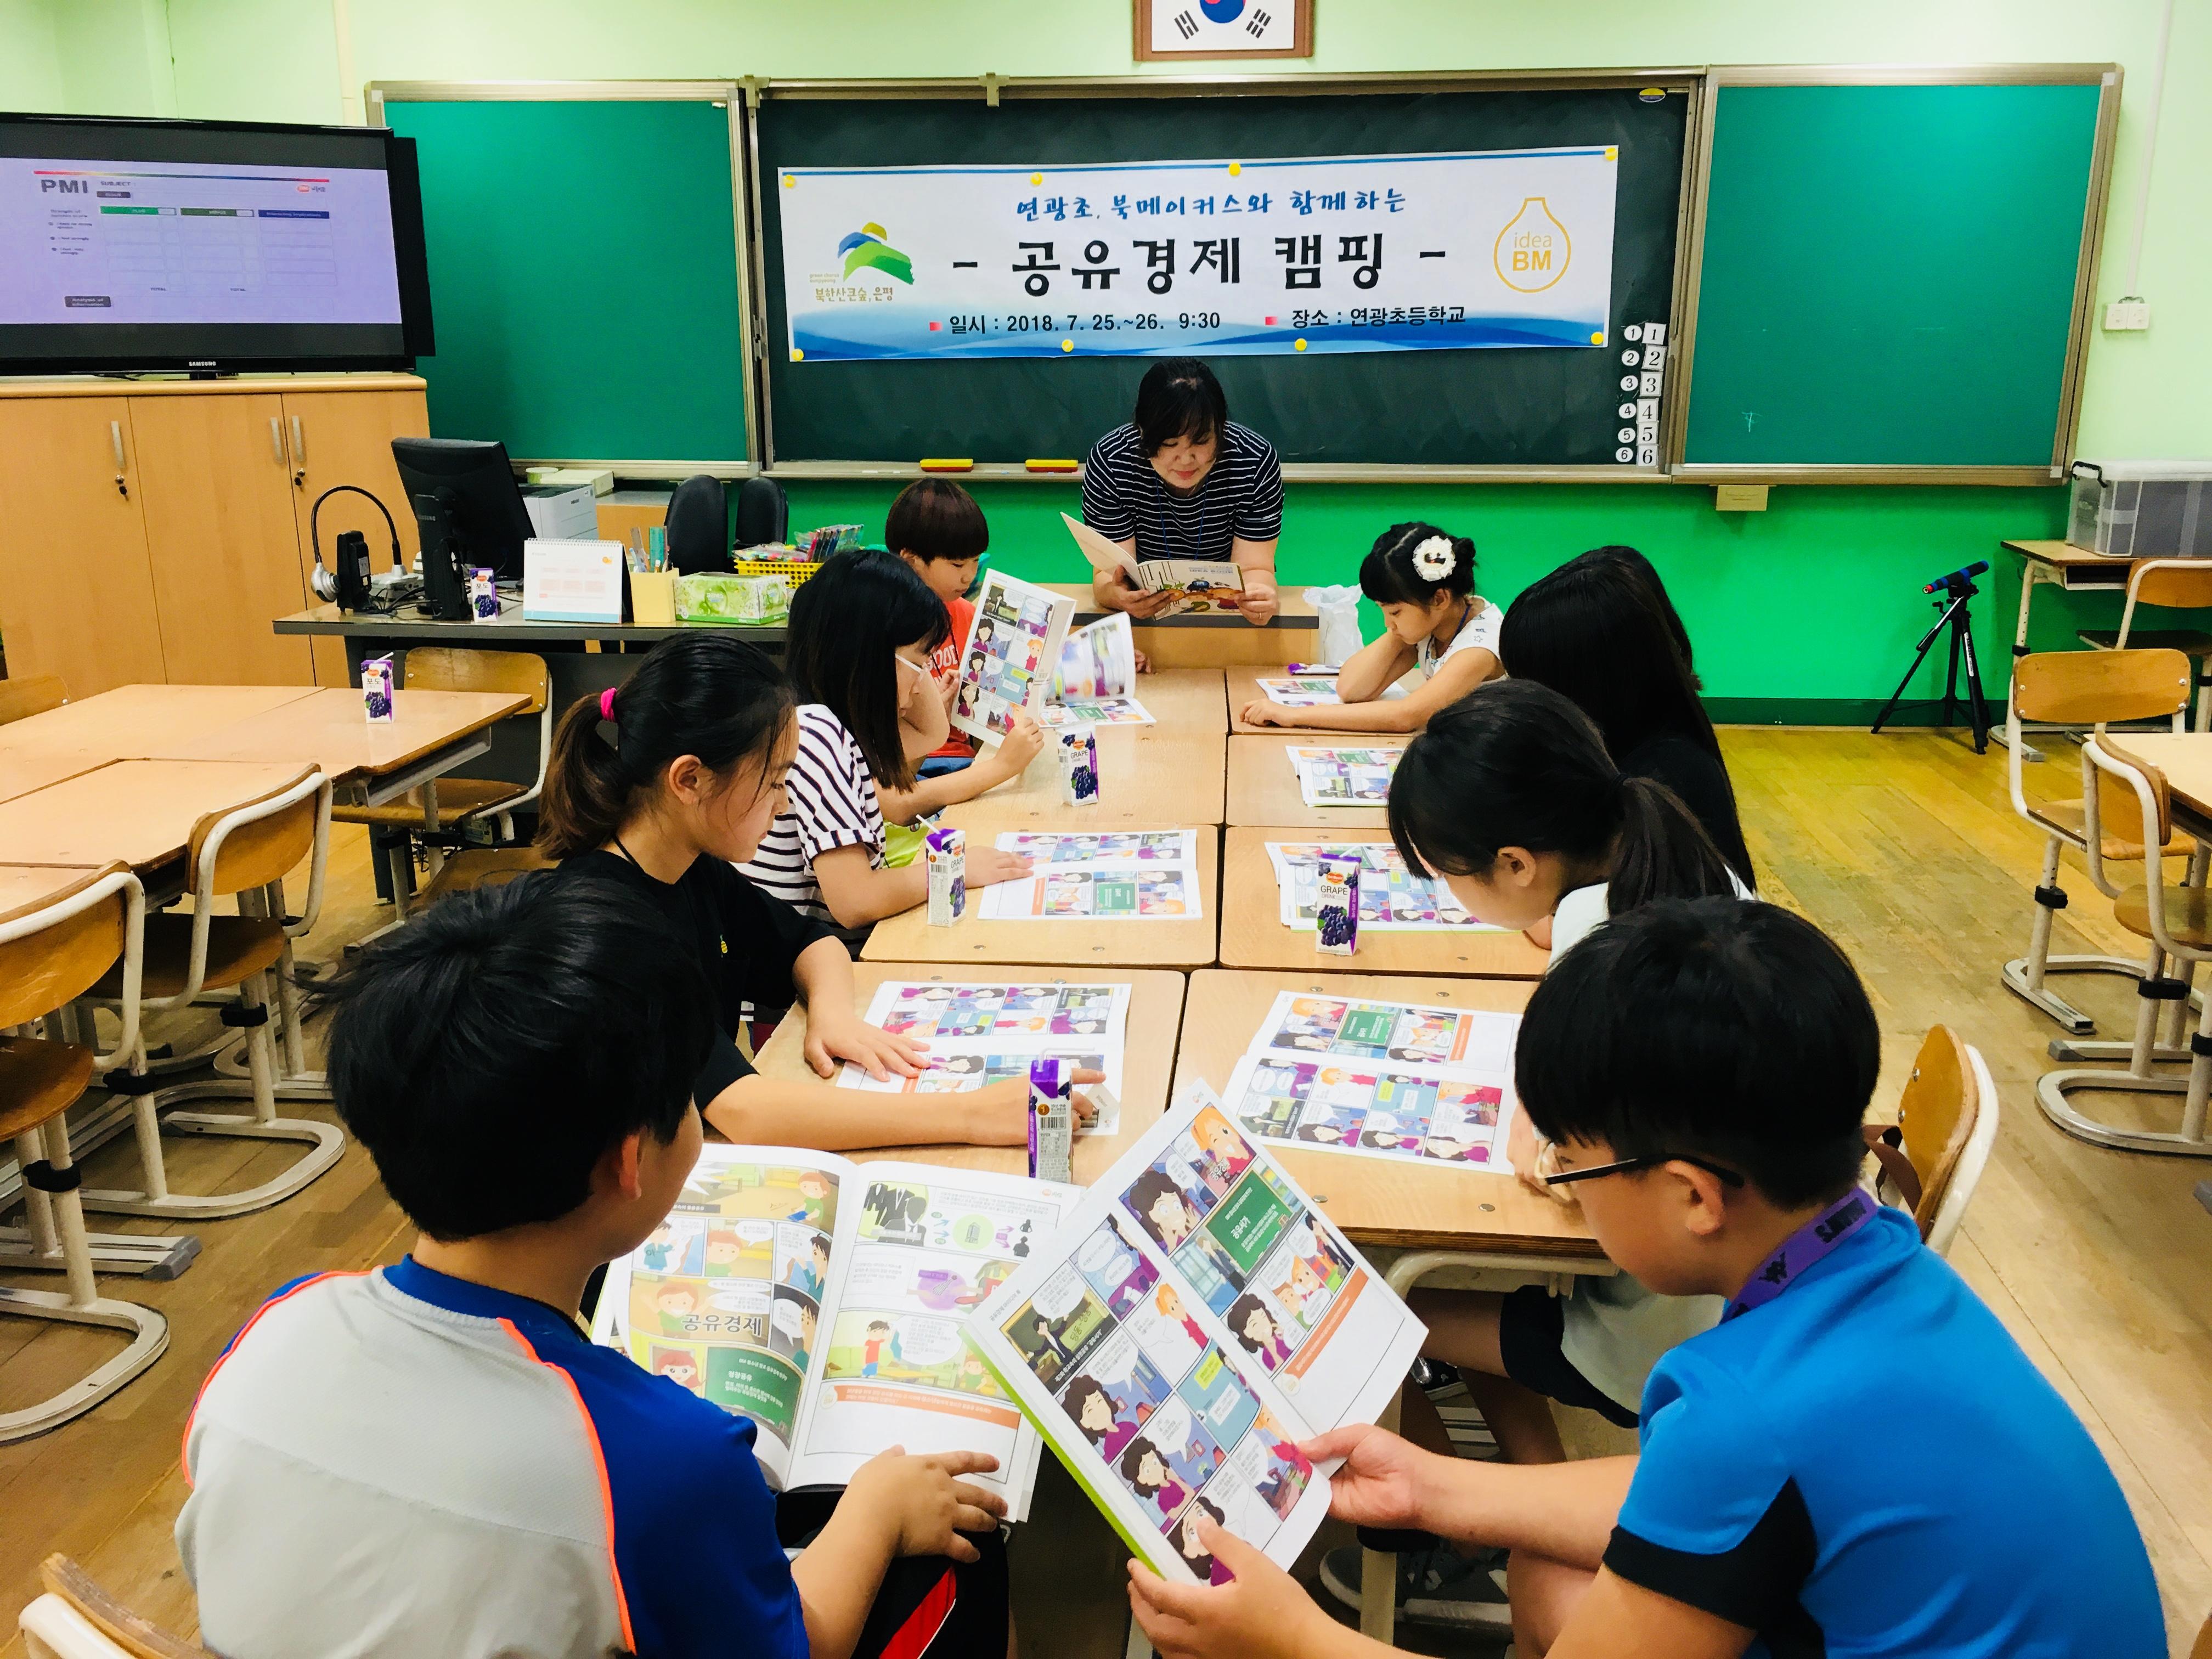 2018 은평구 공유경제 씨앗학교-'연광초등학교' 공유경제캠프(1일차)